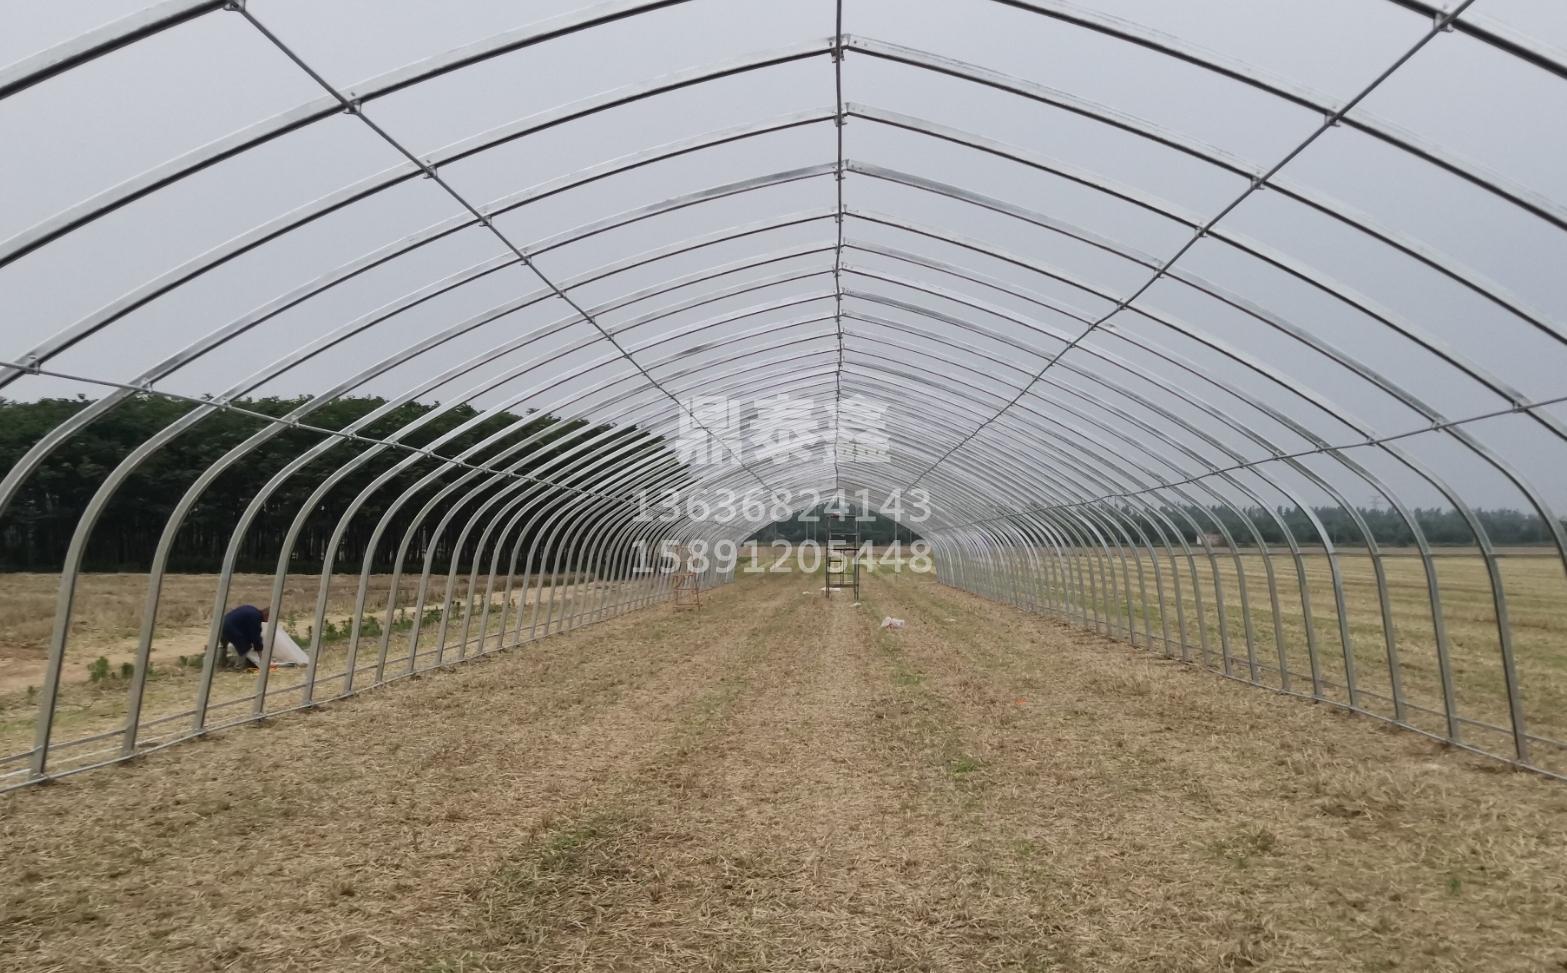 规模化的设施农业种植如何发展?